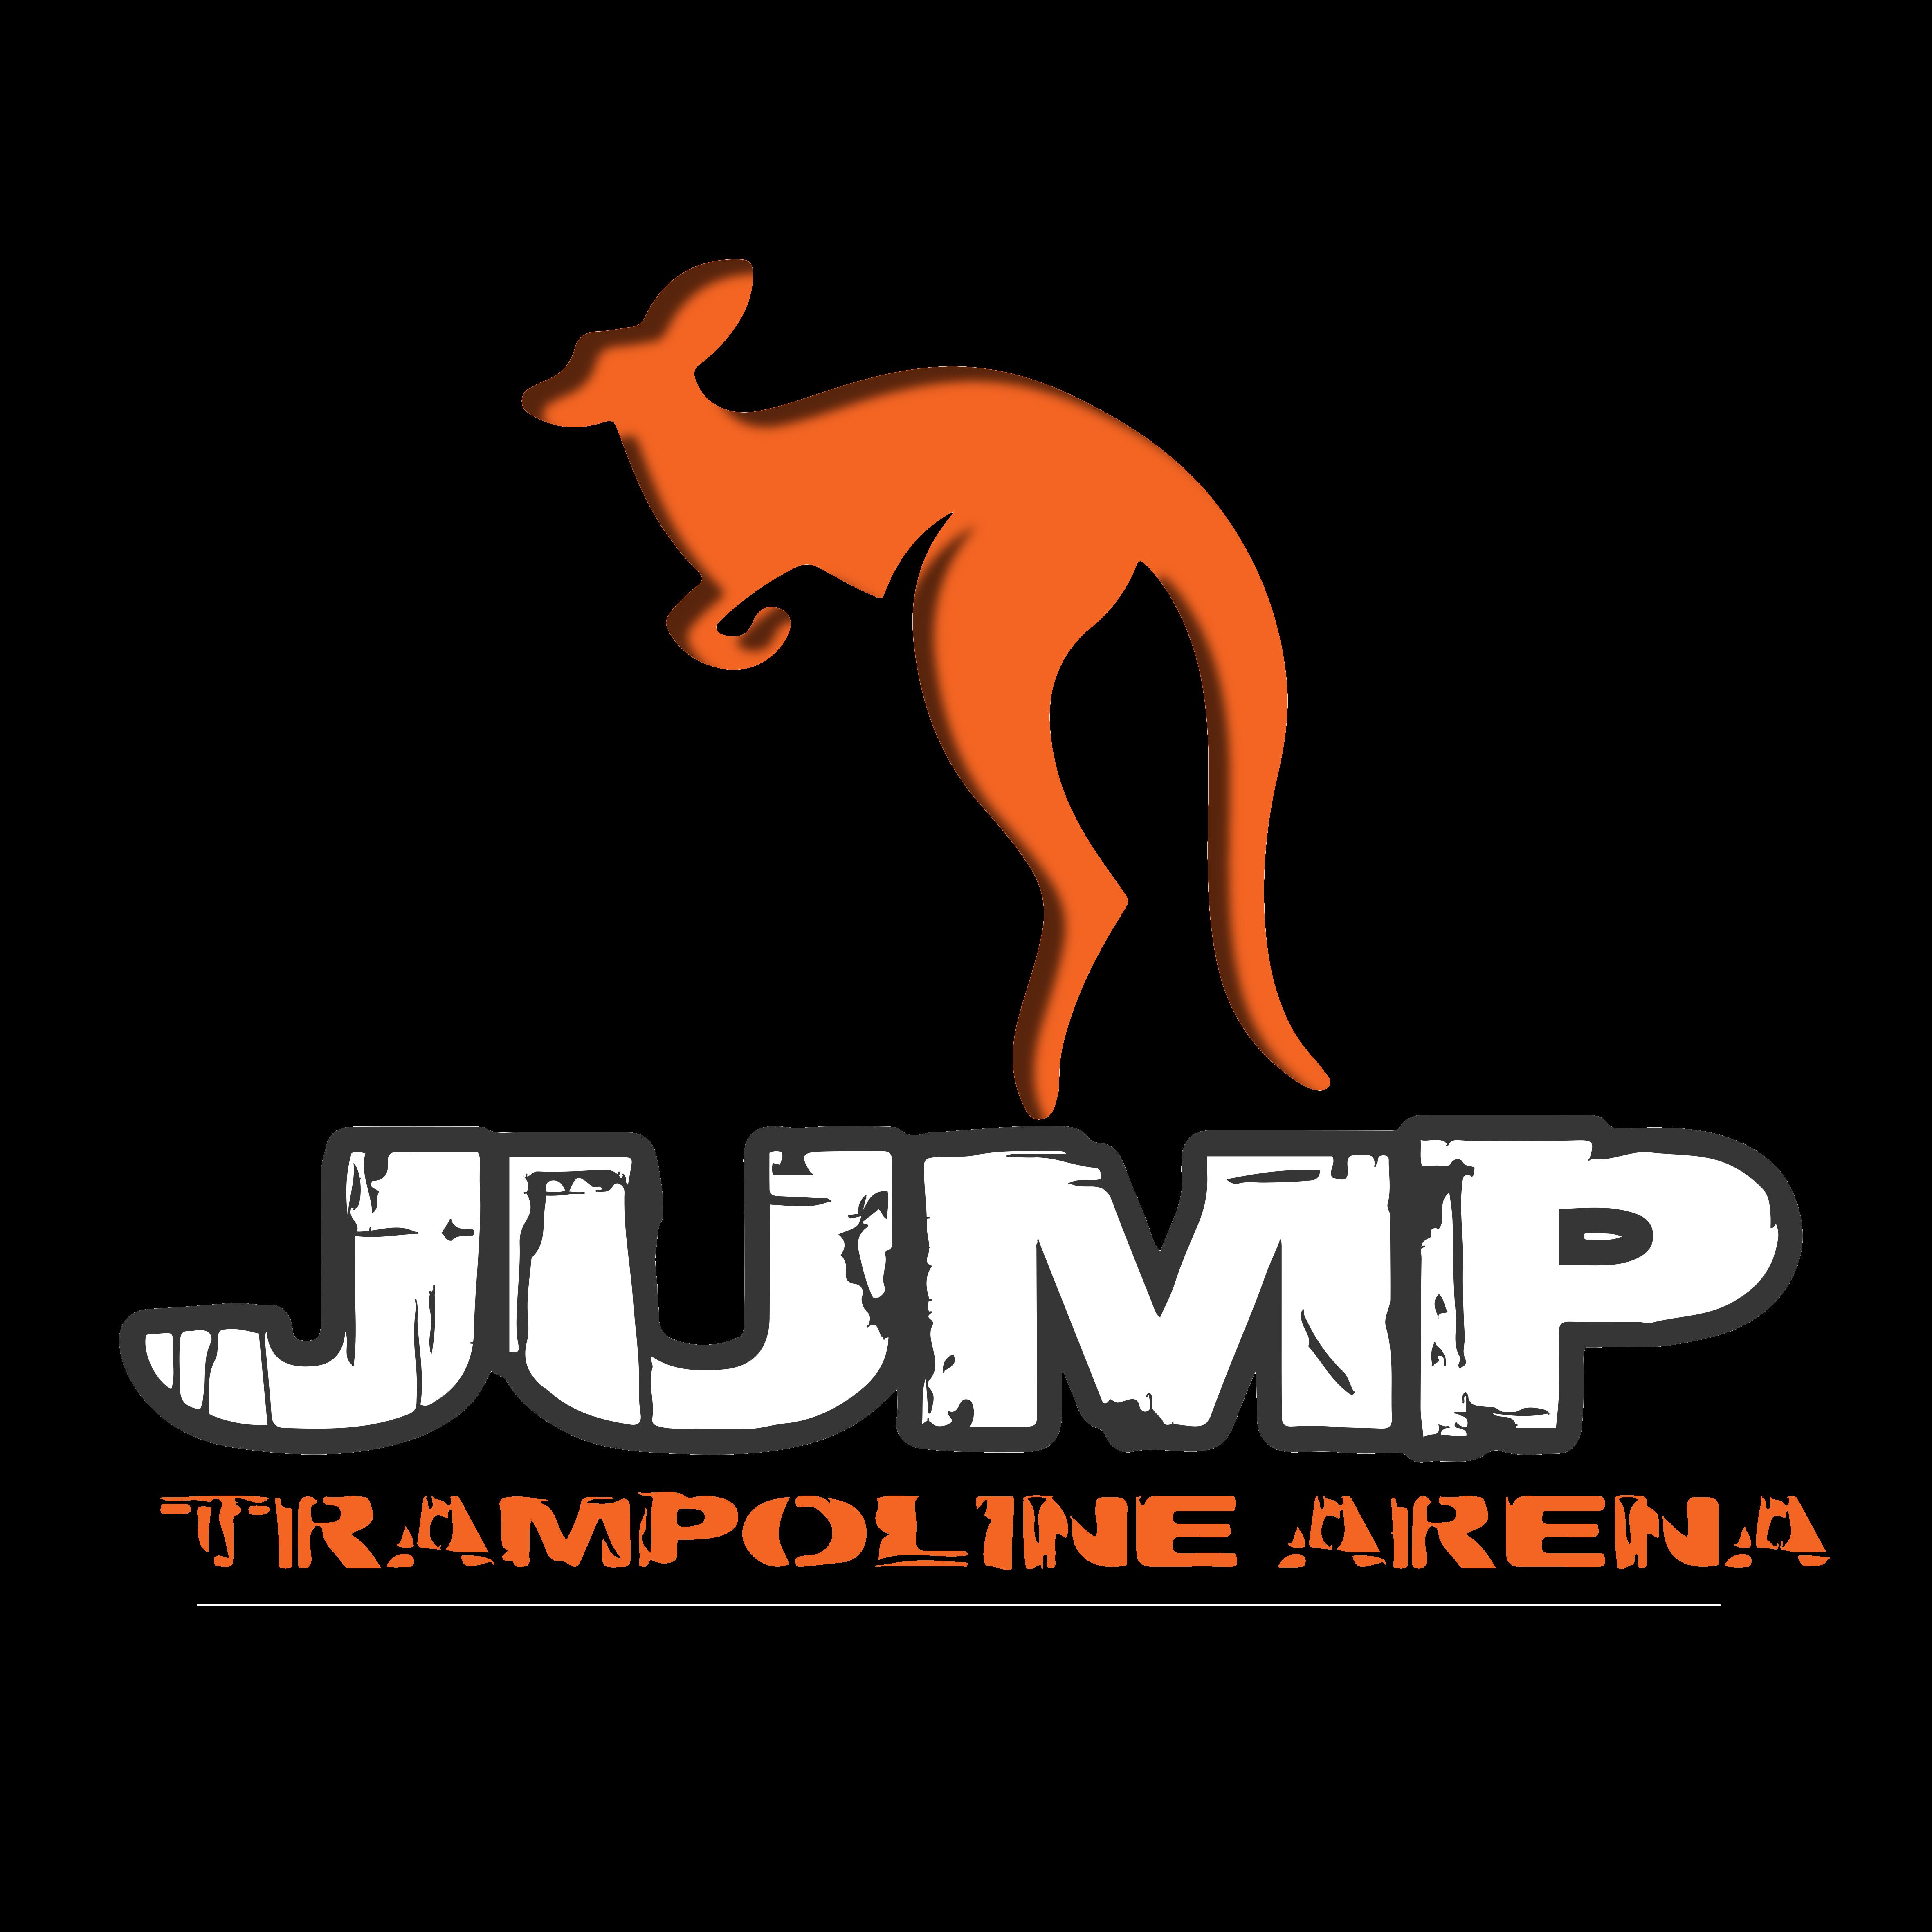 logo pour fond noir2